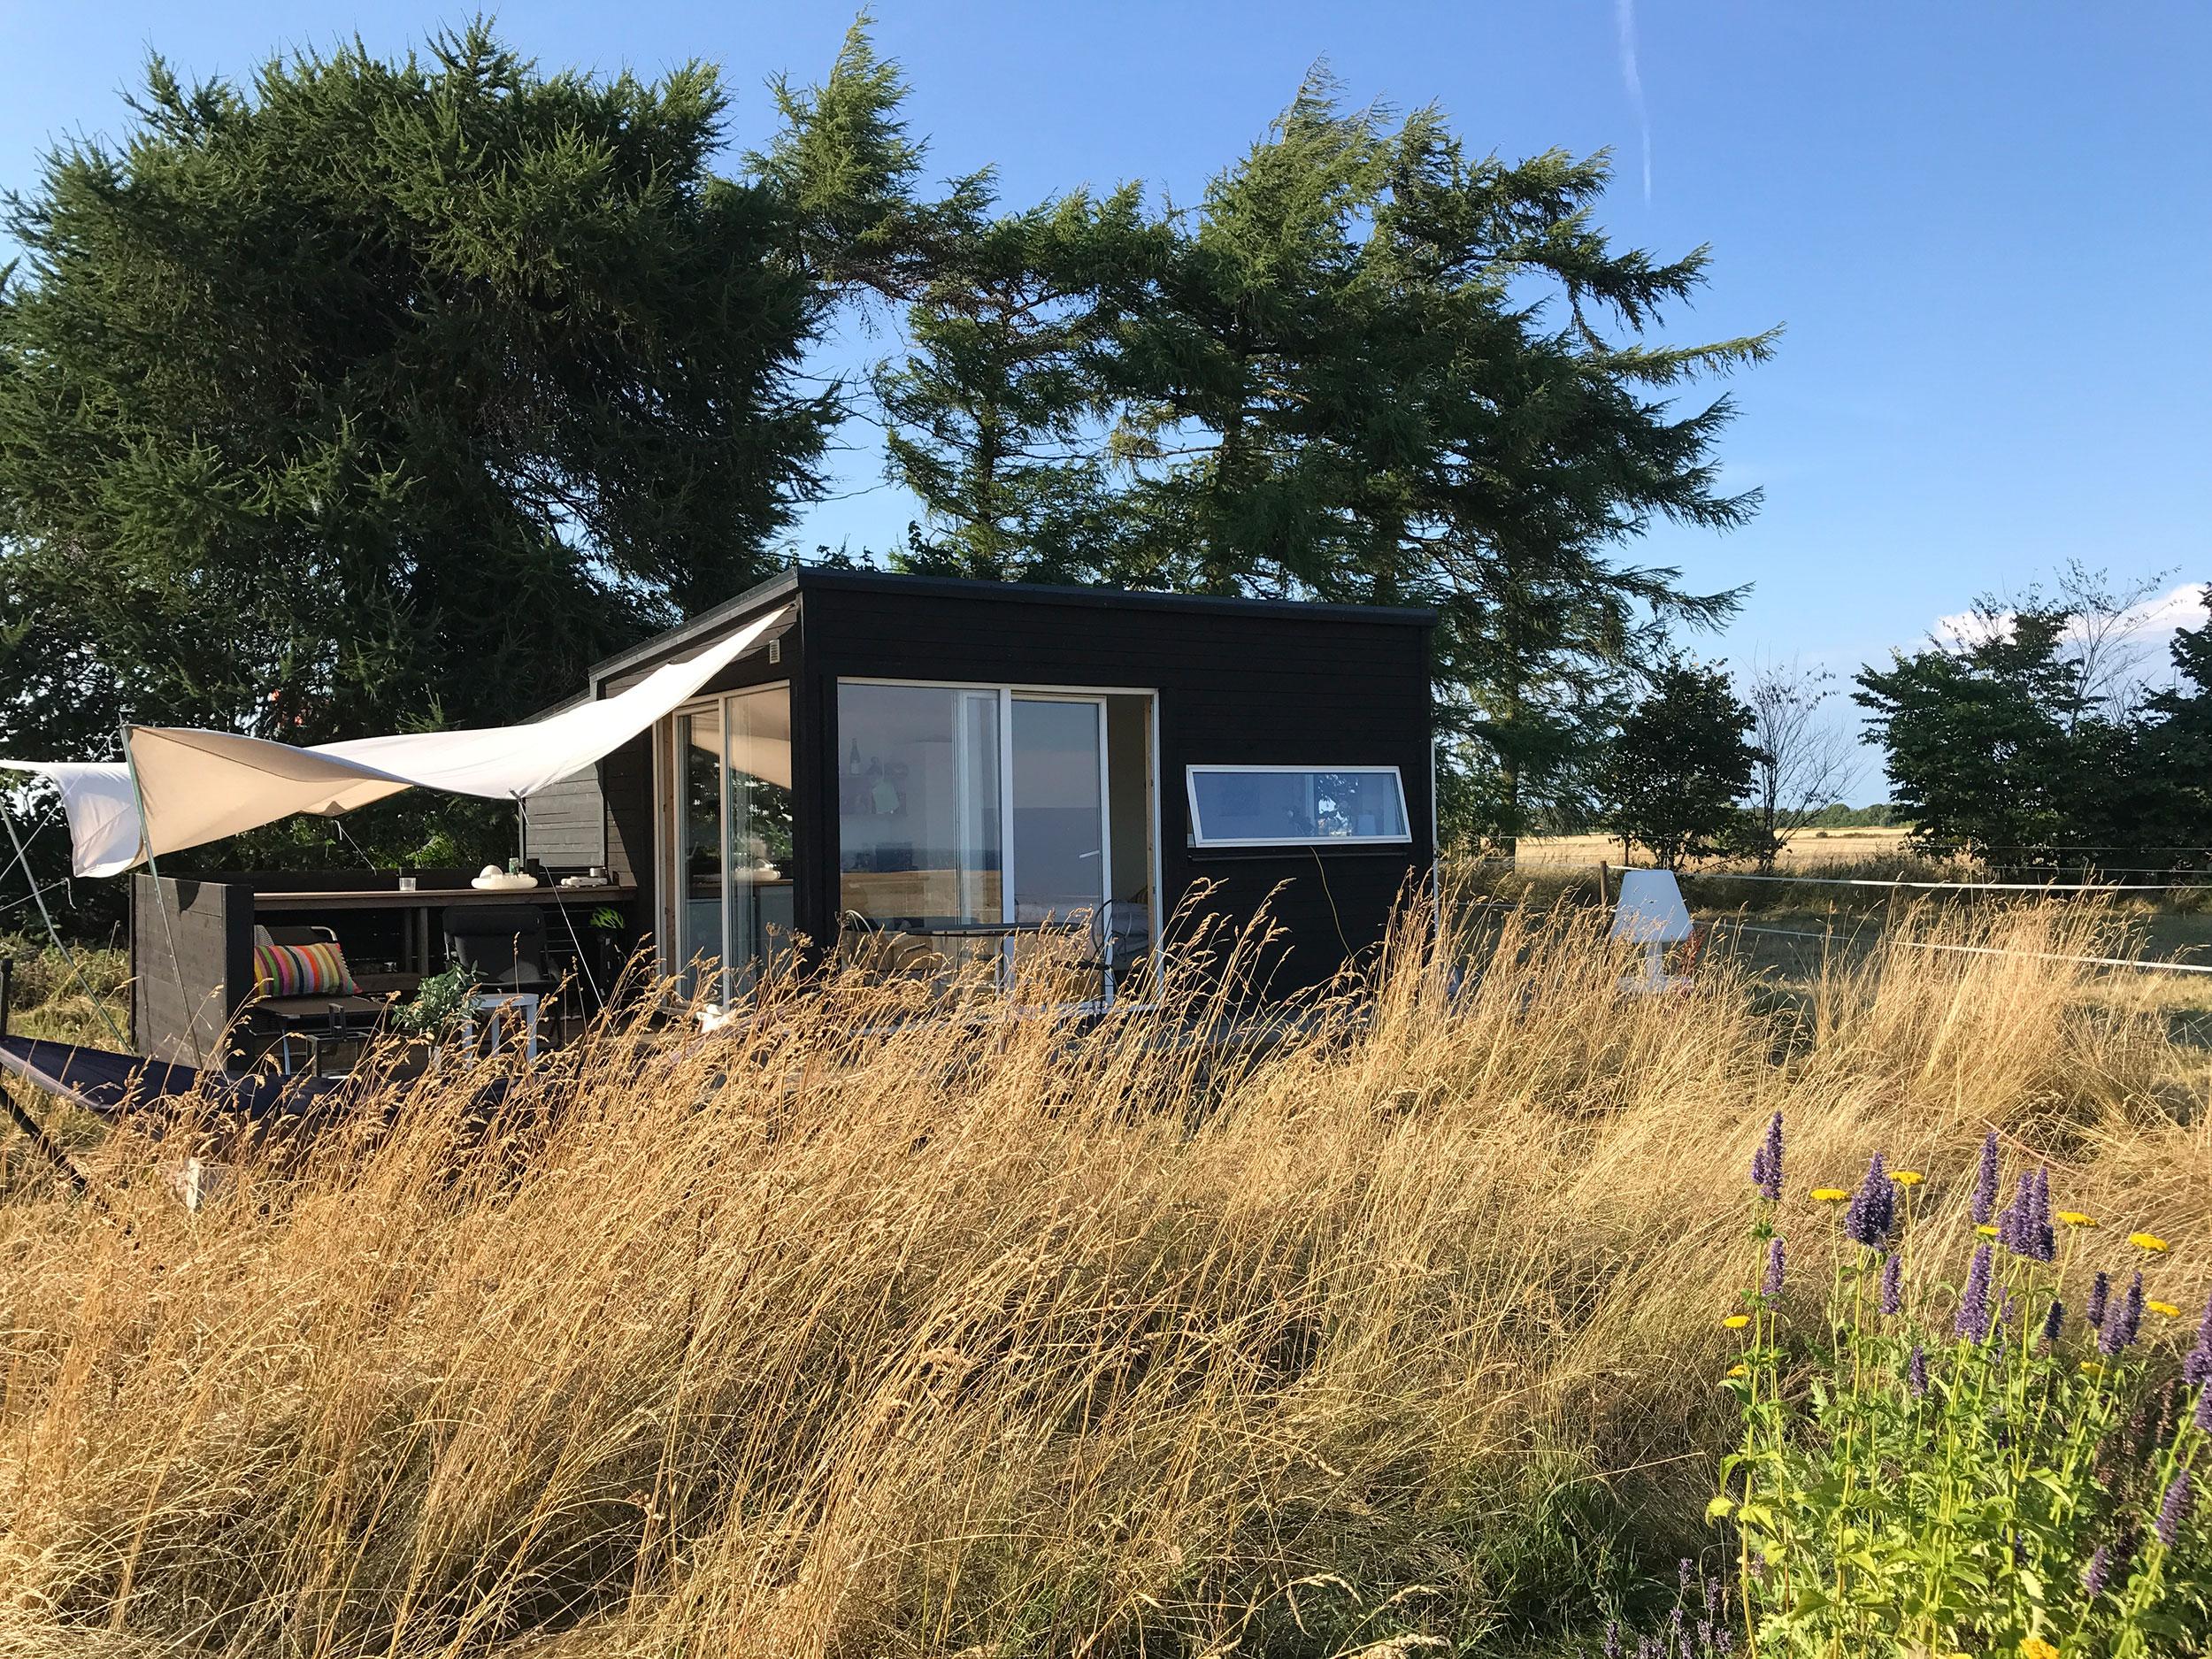 gramsgard-cabin-6.jpg